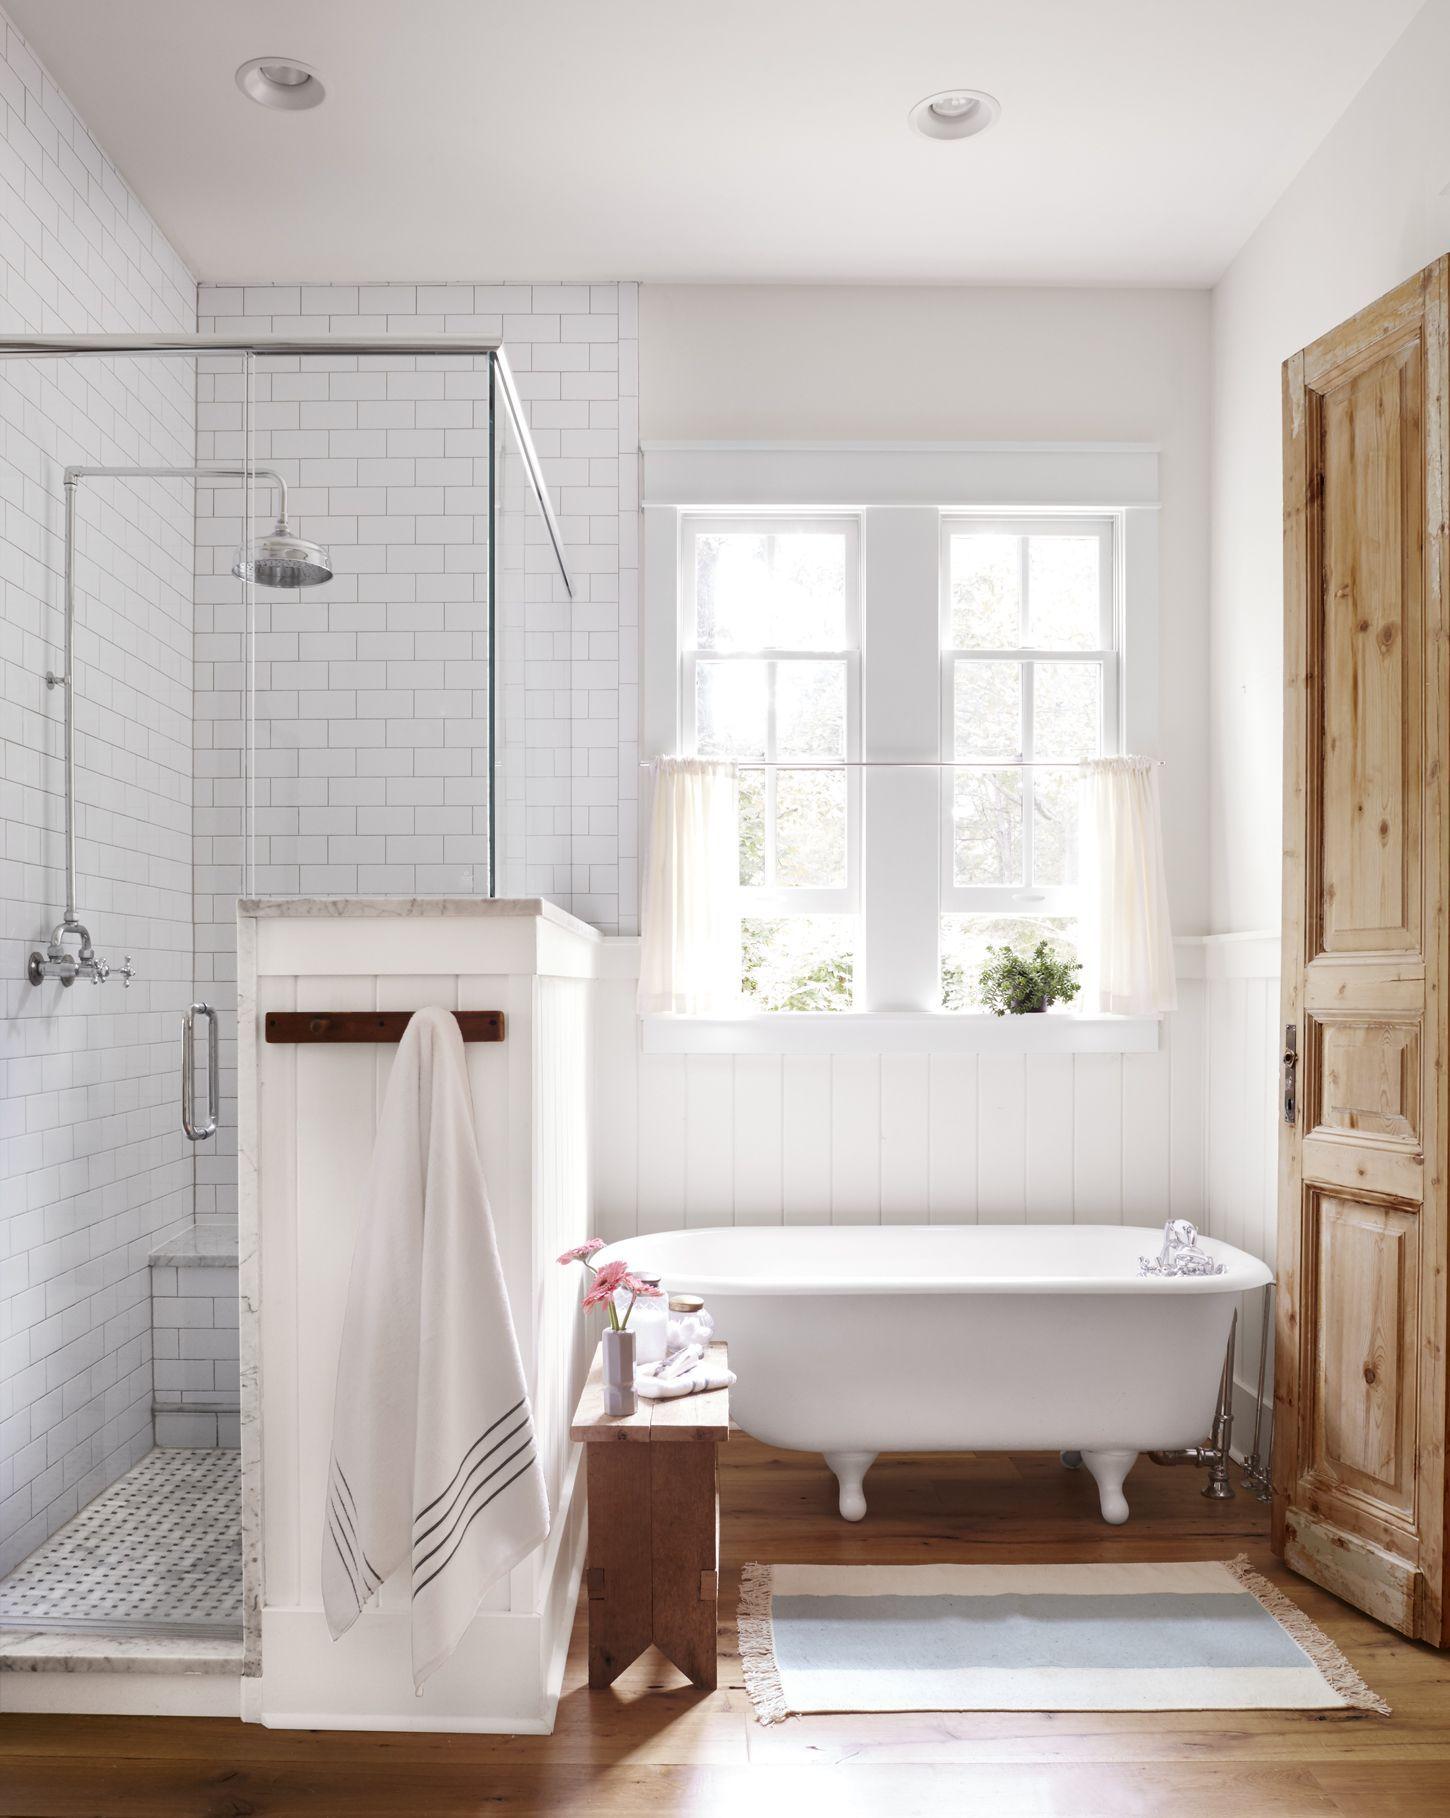 Badezimmerfliesenideen um badewanne moderne land bad  mehr auf unserer website  natürlich die